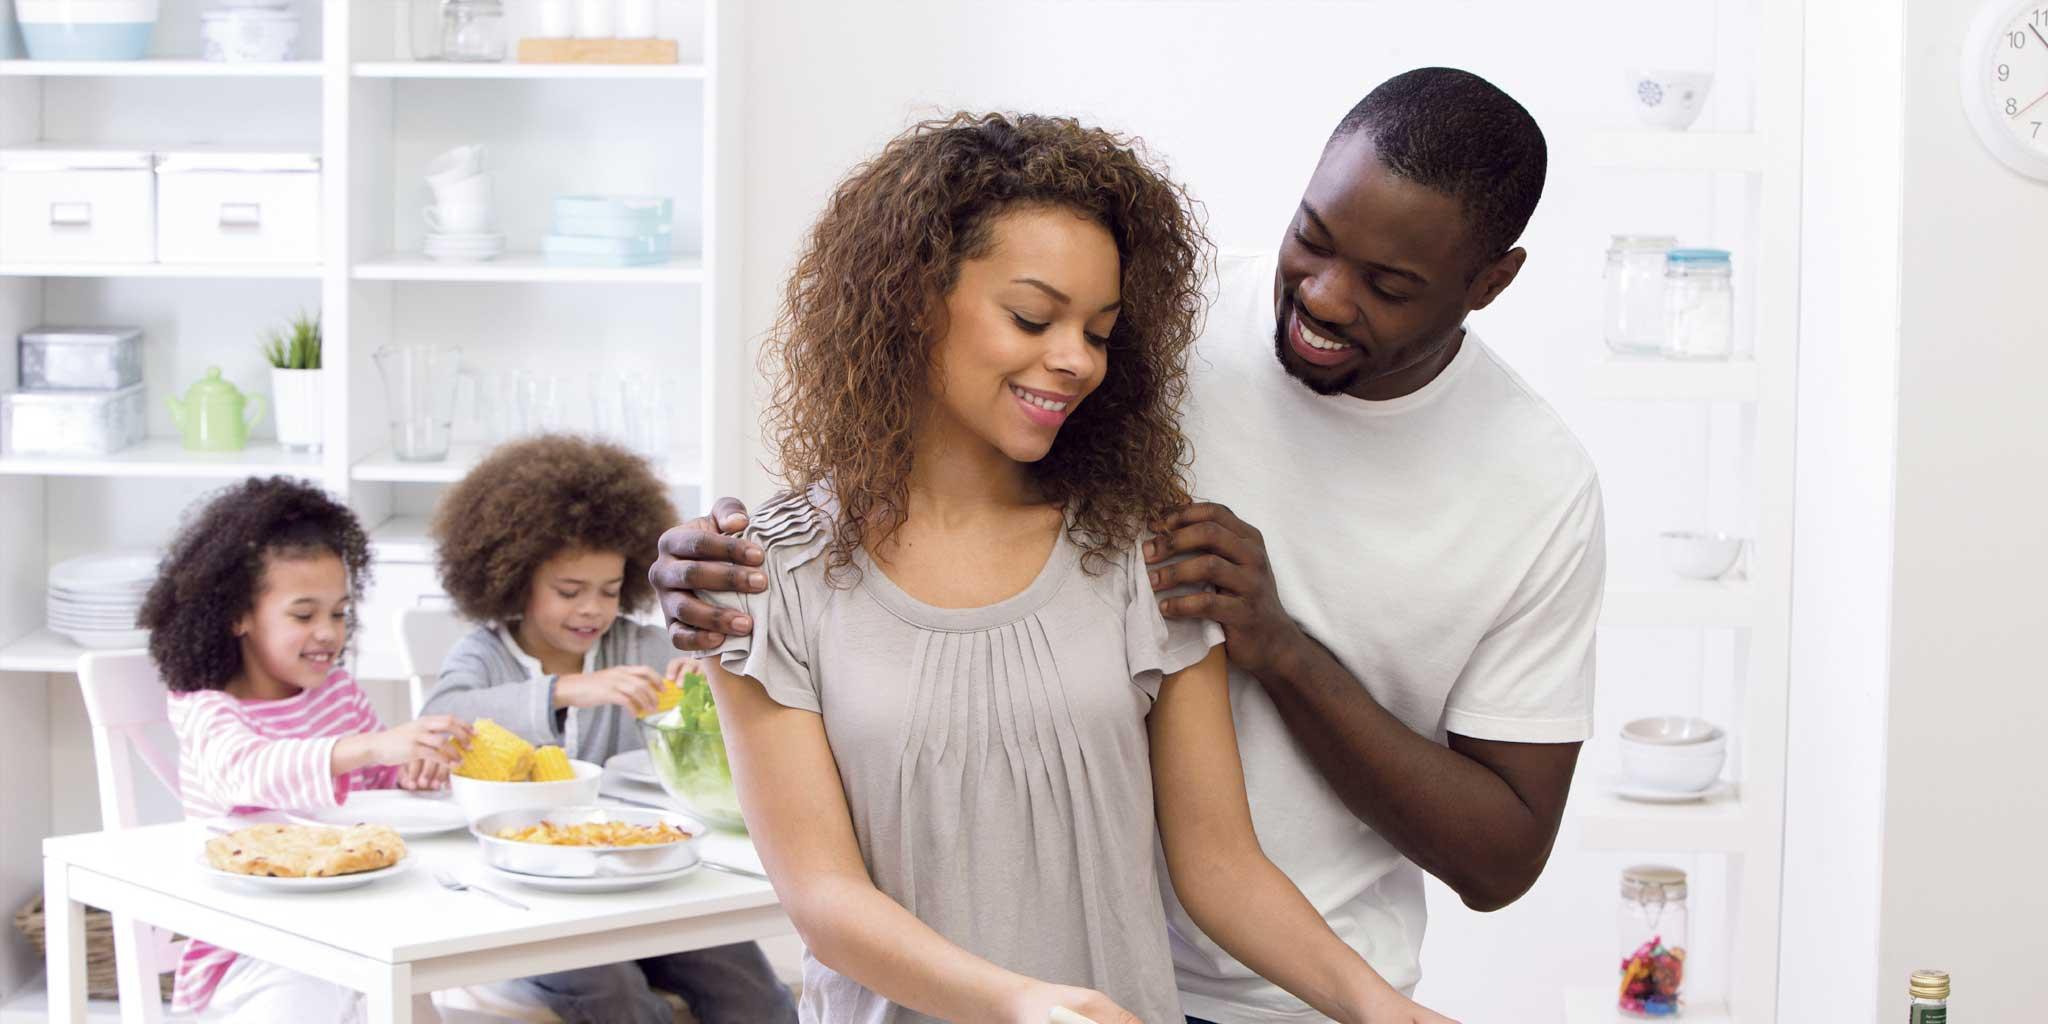 Zwarte man en vrouw lachen en op de achtergrond hun kinderen aan tafel met voedsel